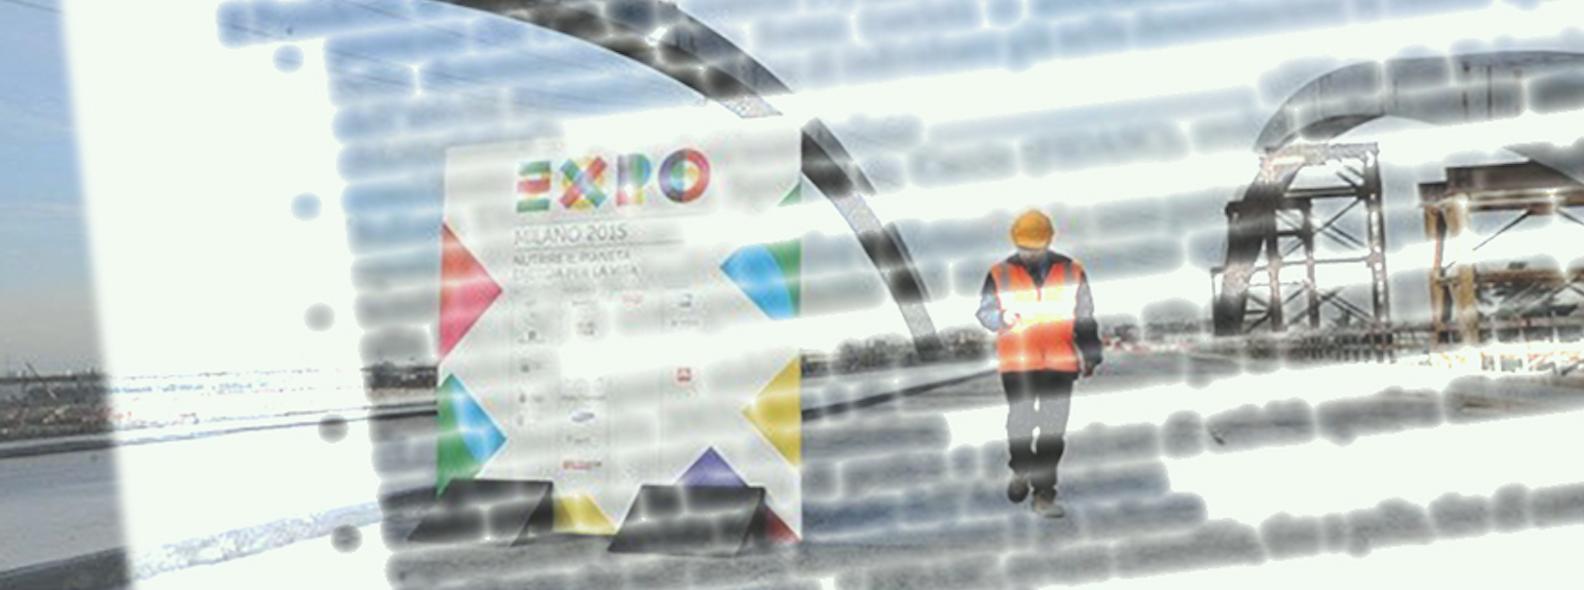 Expo incontra il M5S, qualche passo avanti per la trasparenza